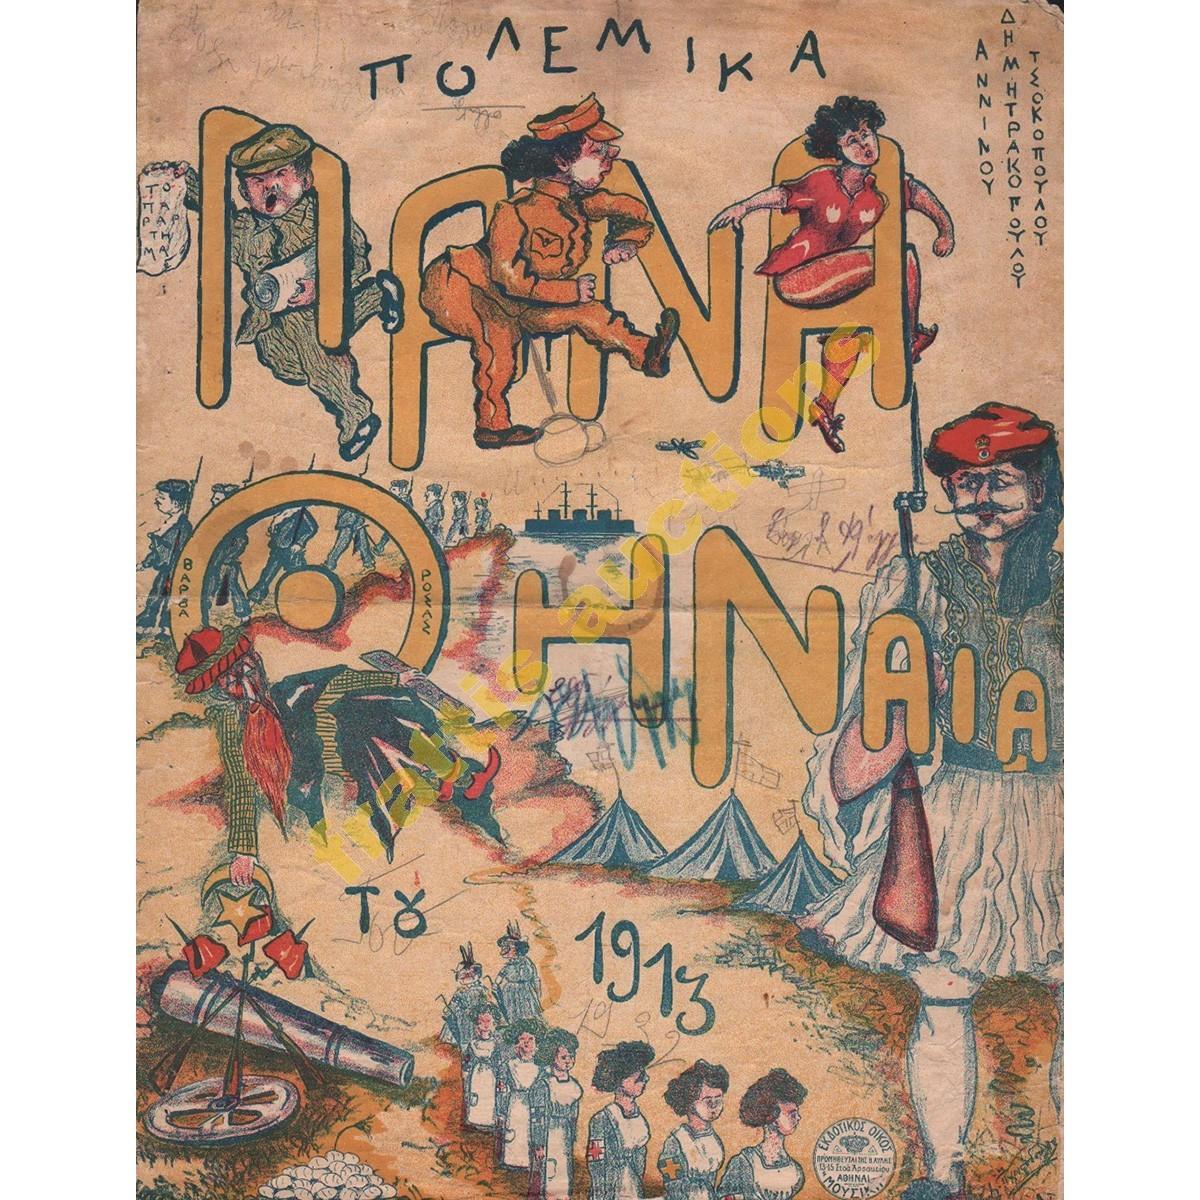 Παναθήναια του 1913, παρτιτούρα.